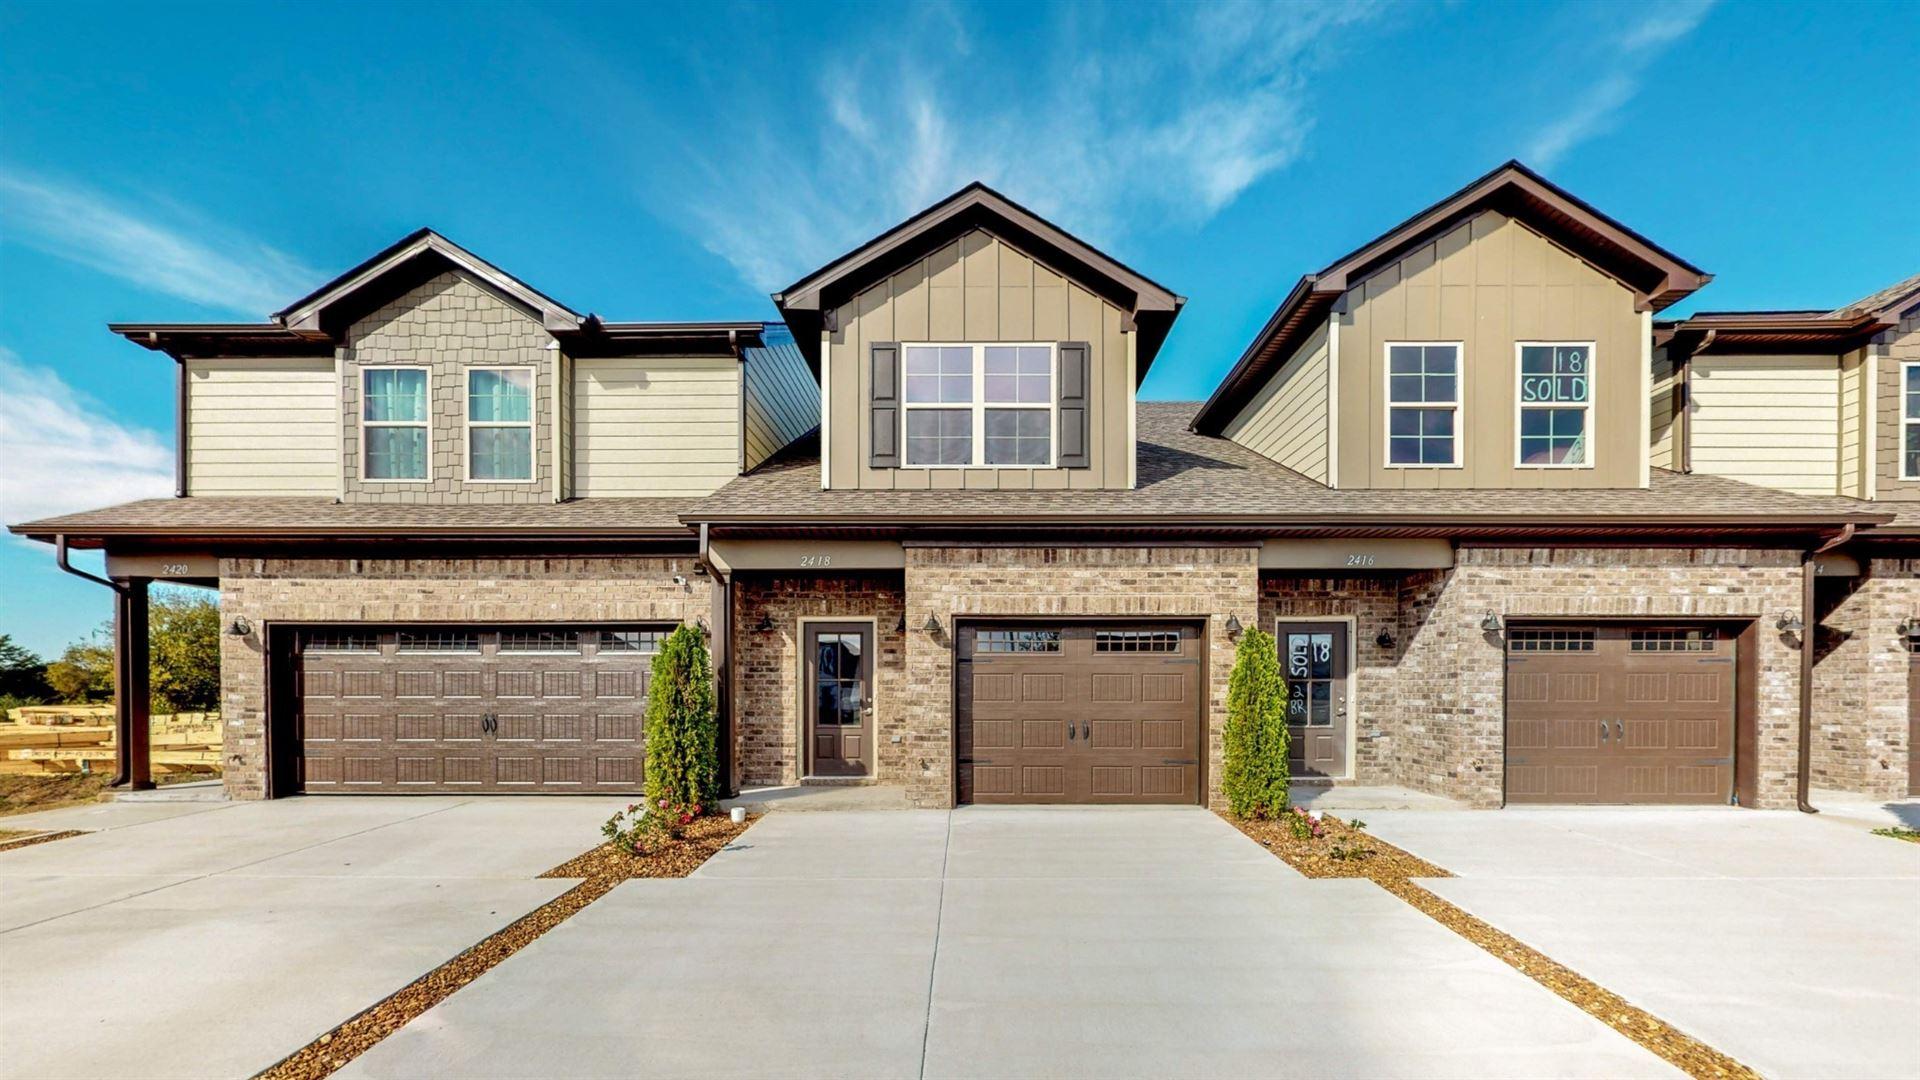 4108 Suntropic Ln - Lot 40, Murfreesboro, TN 37127 - MLS#: 2186423